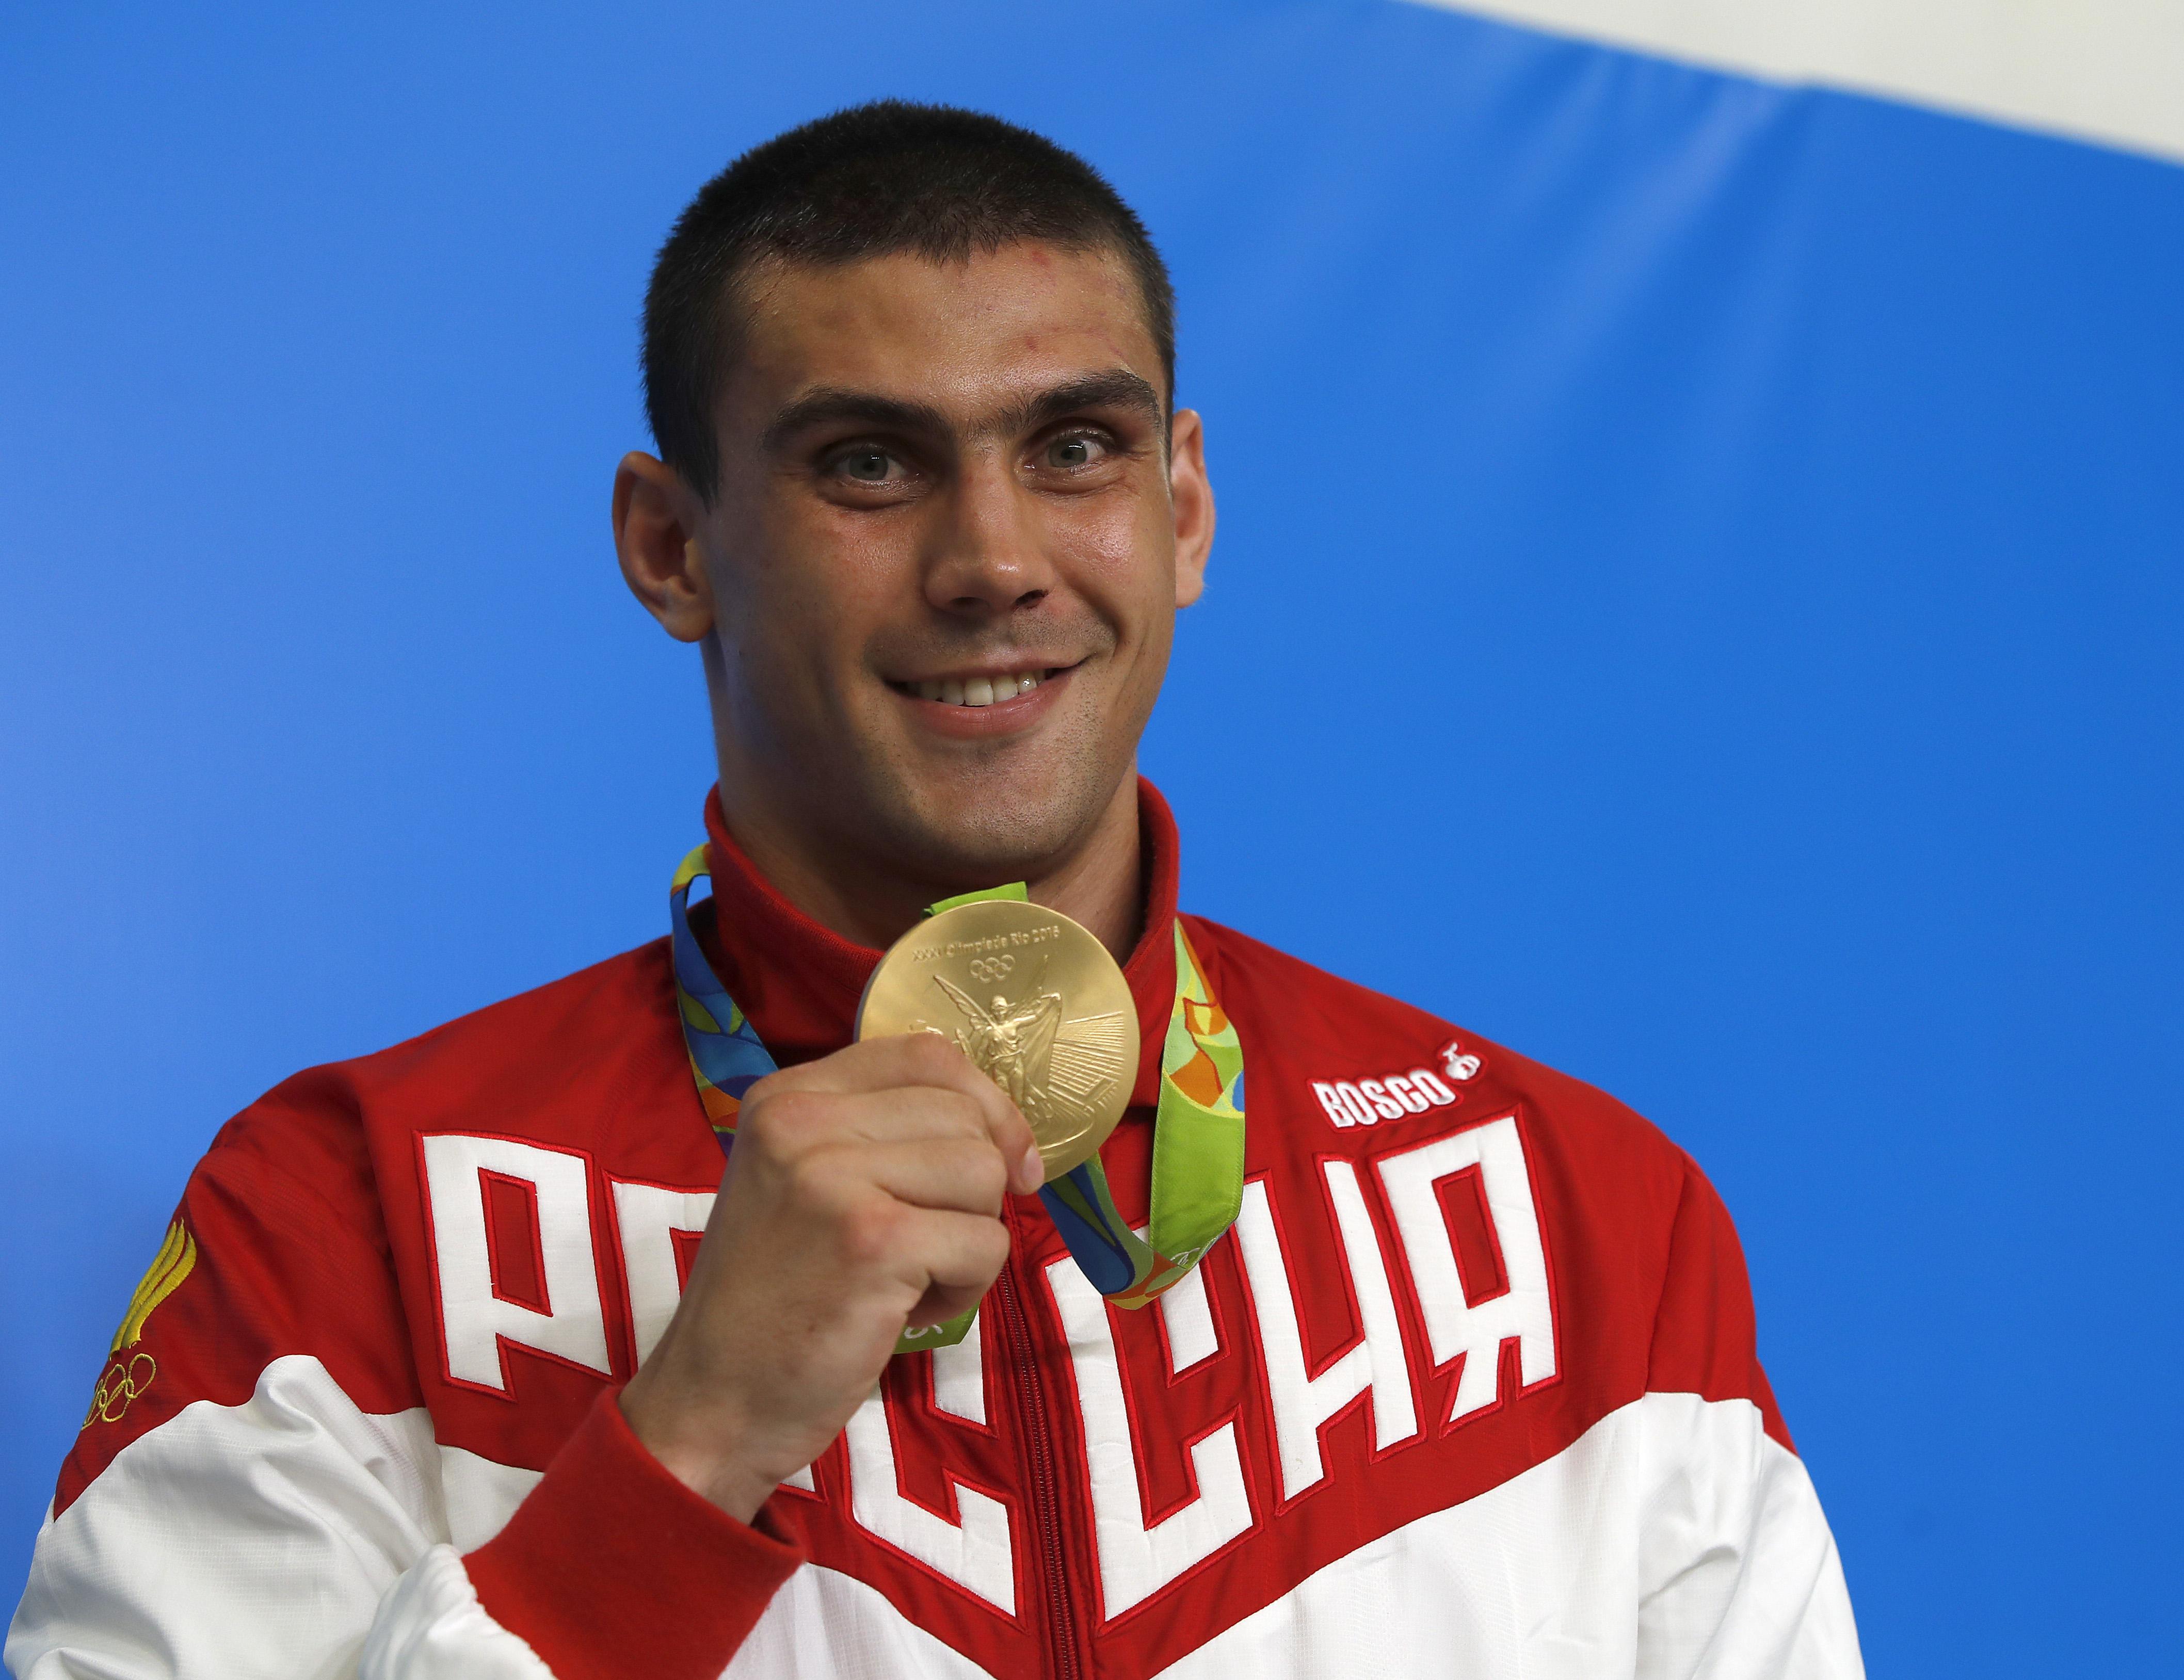 Олимпийские чемпионы мира картинки